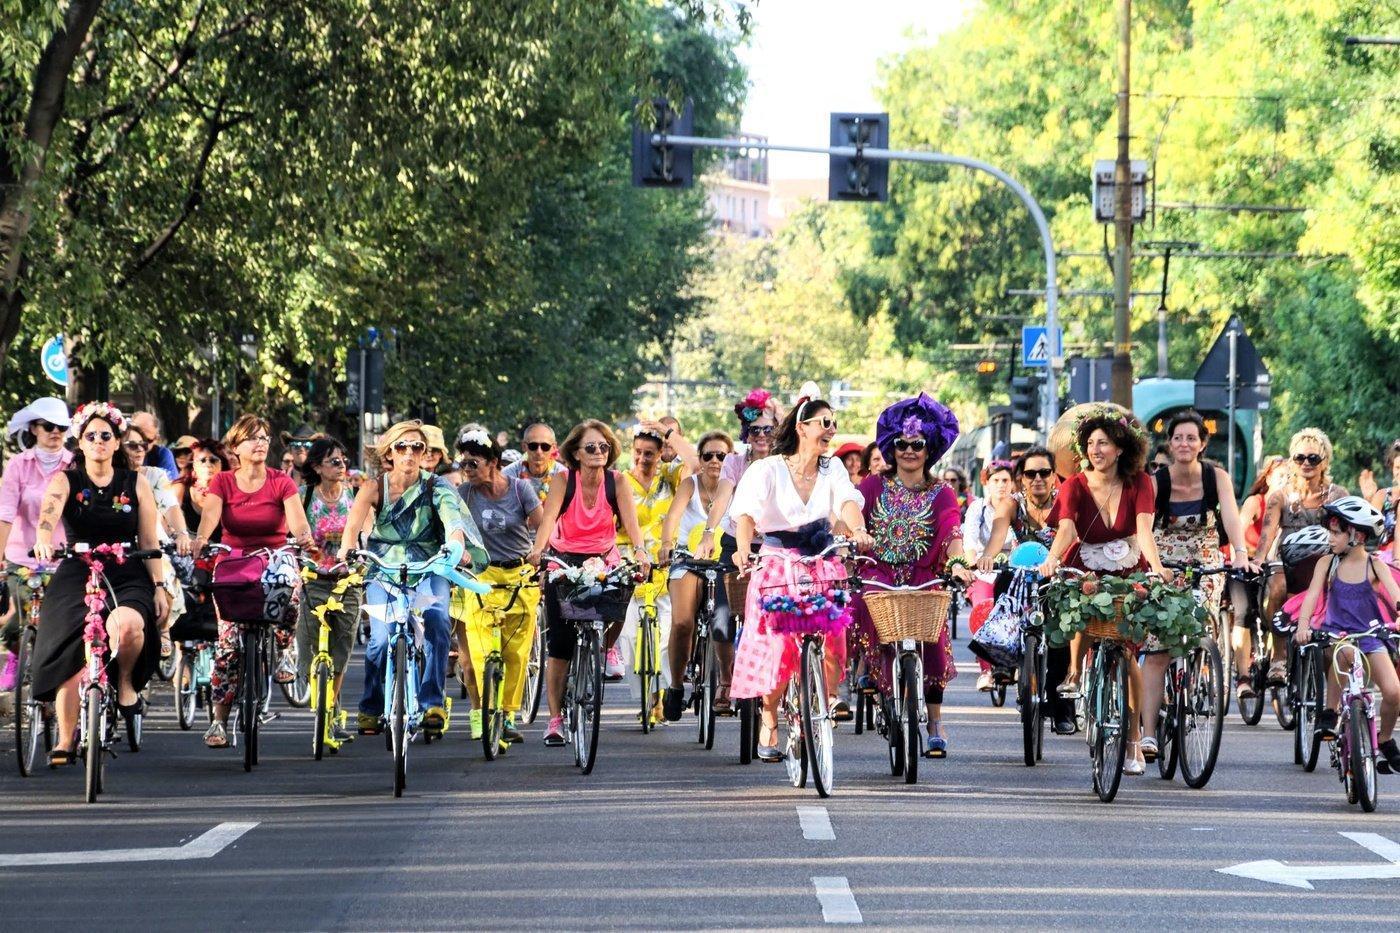 Beim autofreien Sonntag fahren in Milano Frauen und Kinder dicht gedrängt über zwei breite Fahrspuren. Sie tragen bunte Kleider und Hosen und haben ihre Räder mit Blumen und Girlanden geschmückt.